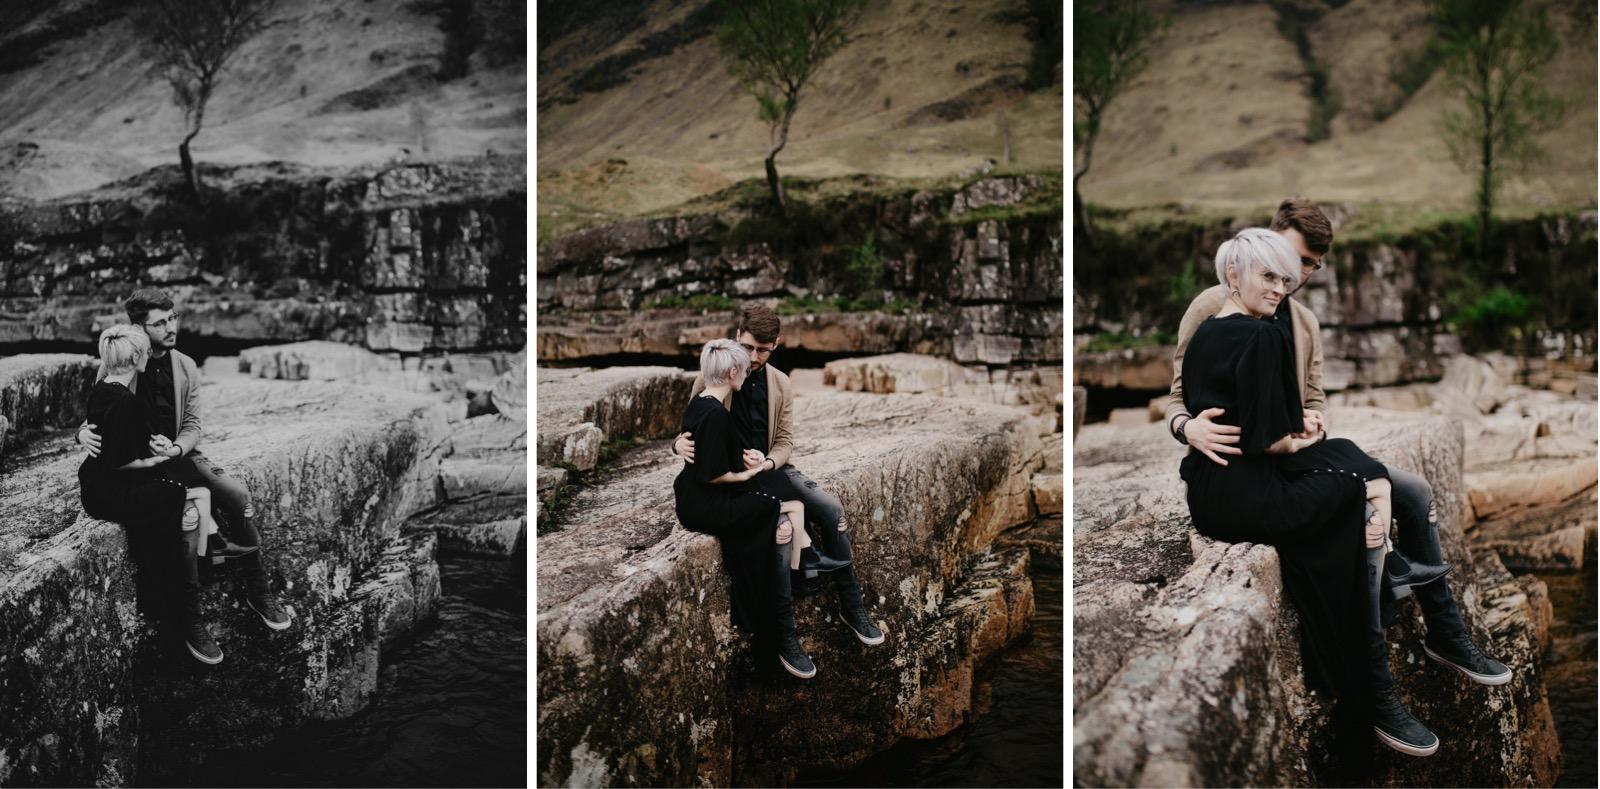 23_TamarHopePhotography-83_TamarHopePhotography-85_TamarHopePhotography-82.jpg